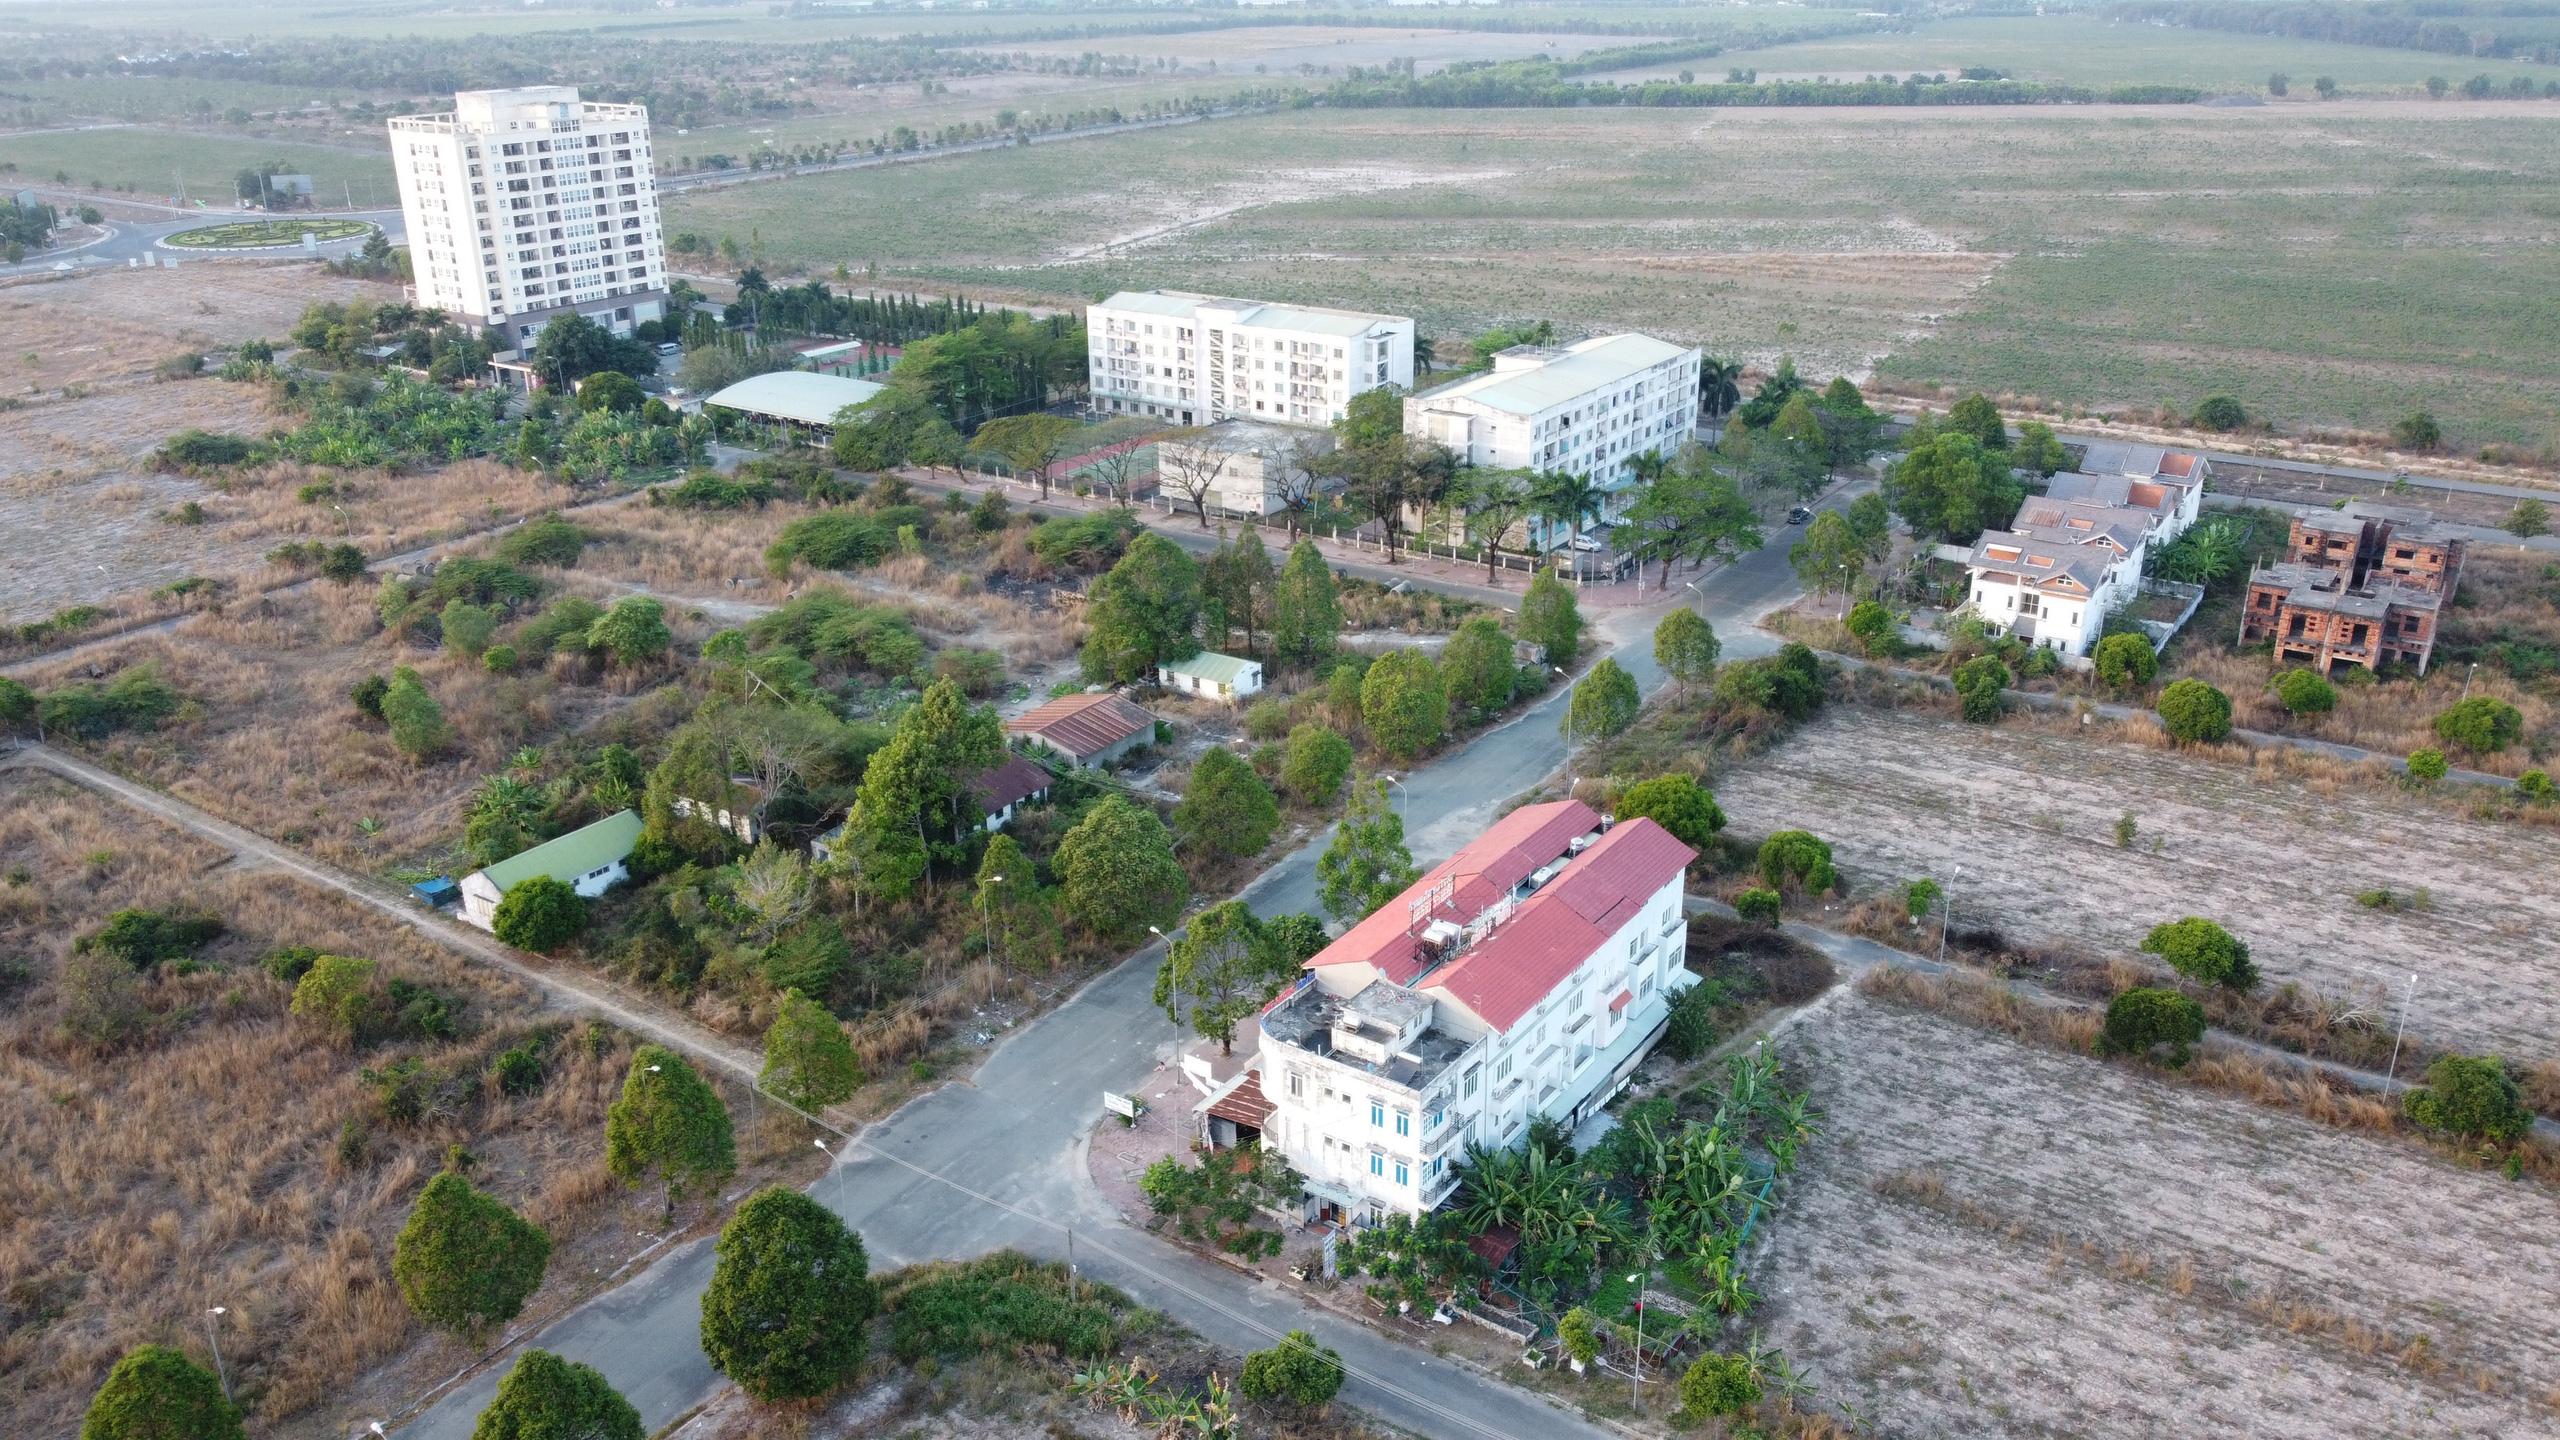 Doanh nghiệp bất động sản ồ ạt báo lãi lớn giữa cơn sốt đất - Ảnh 2.